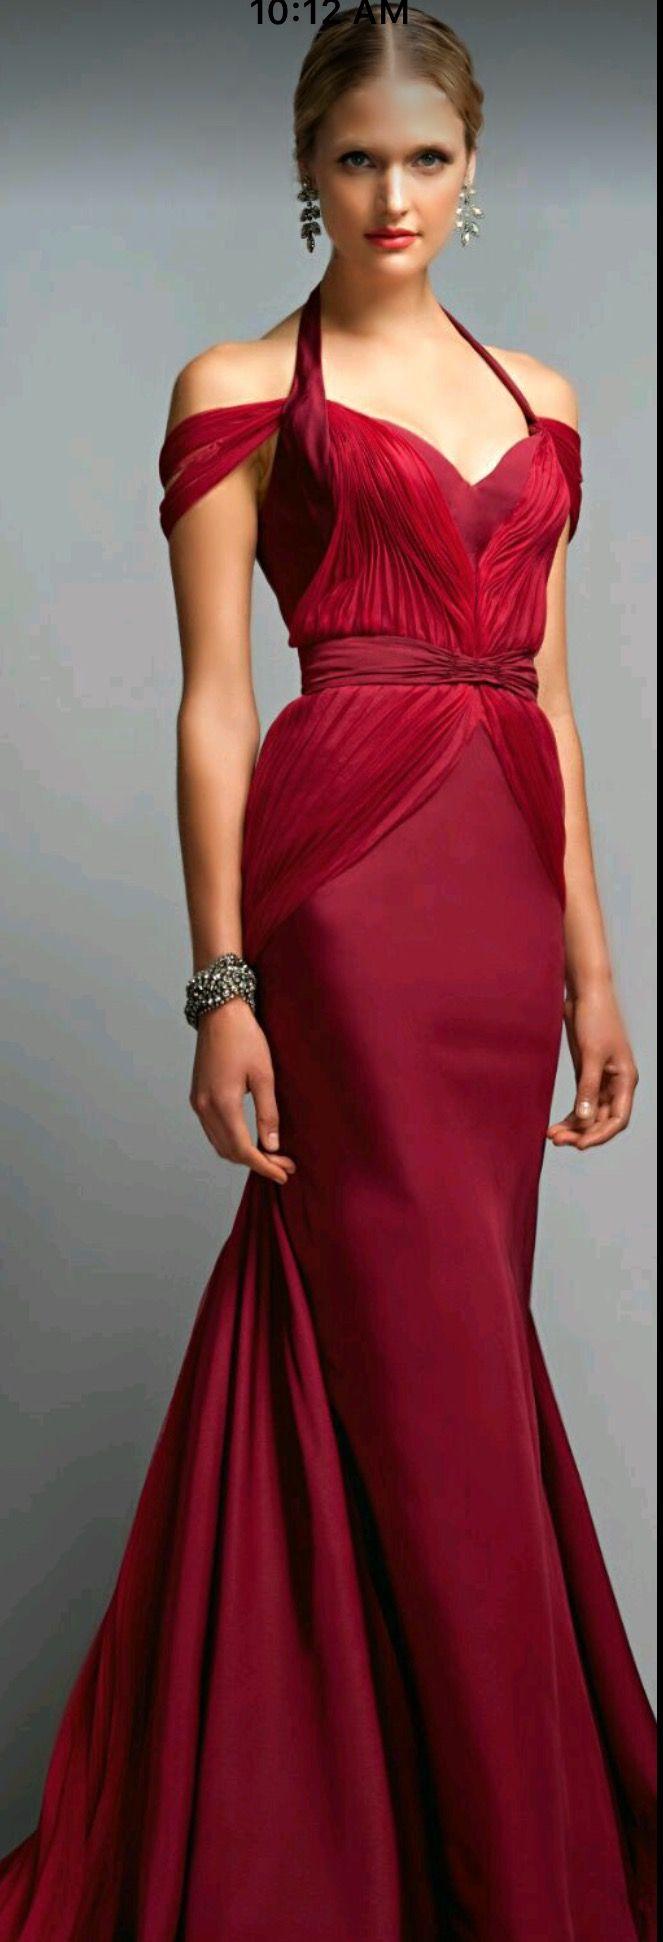 Pin by salwa samra on fashion pinterest taffeta dress and fashion